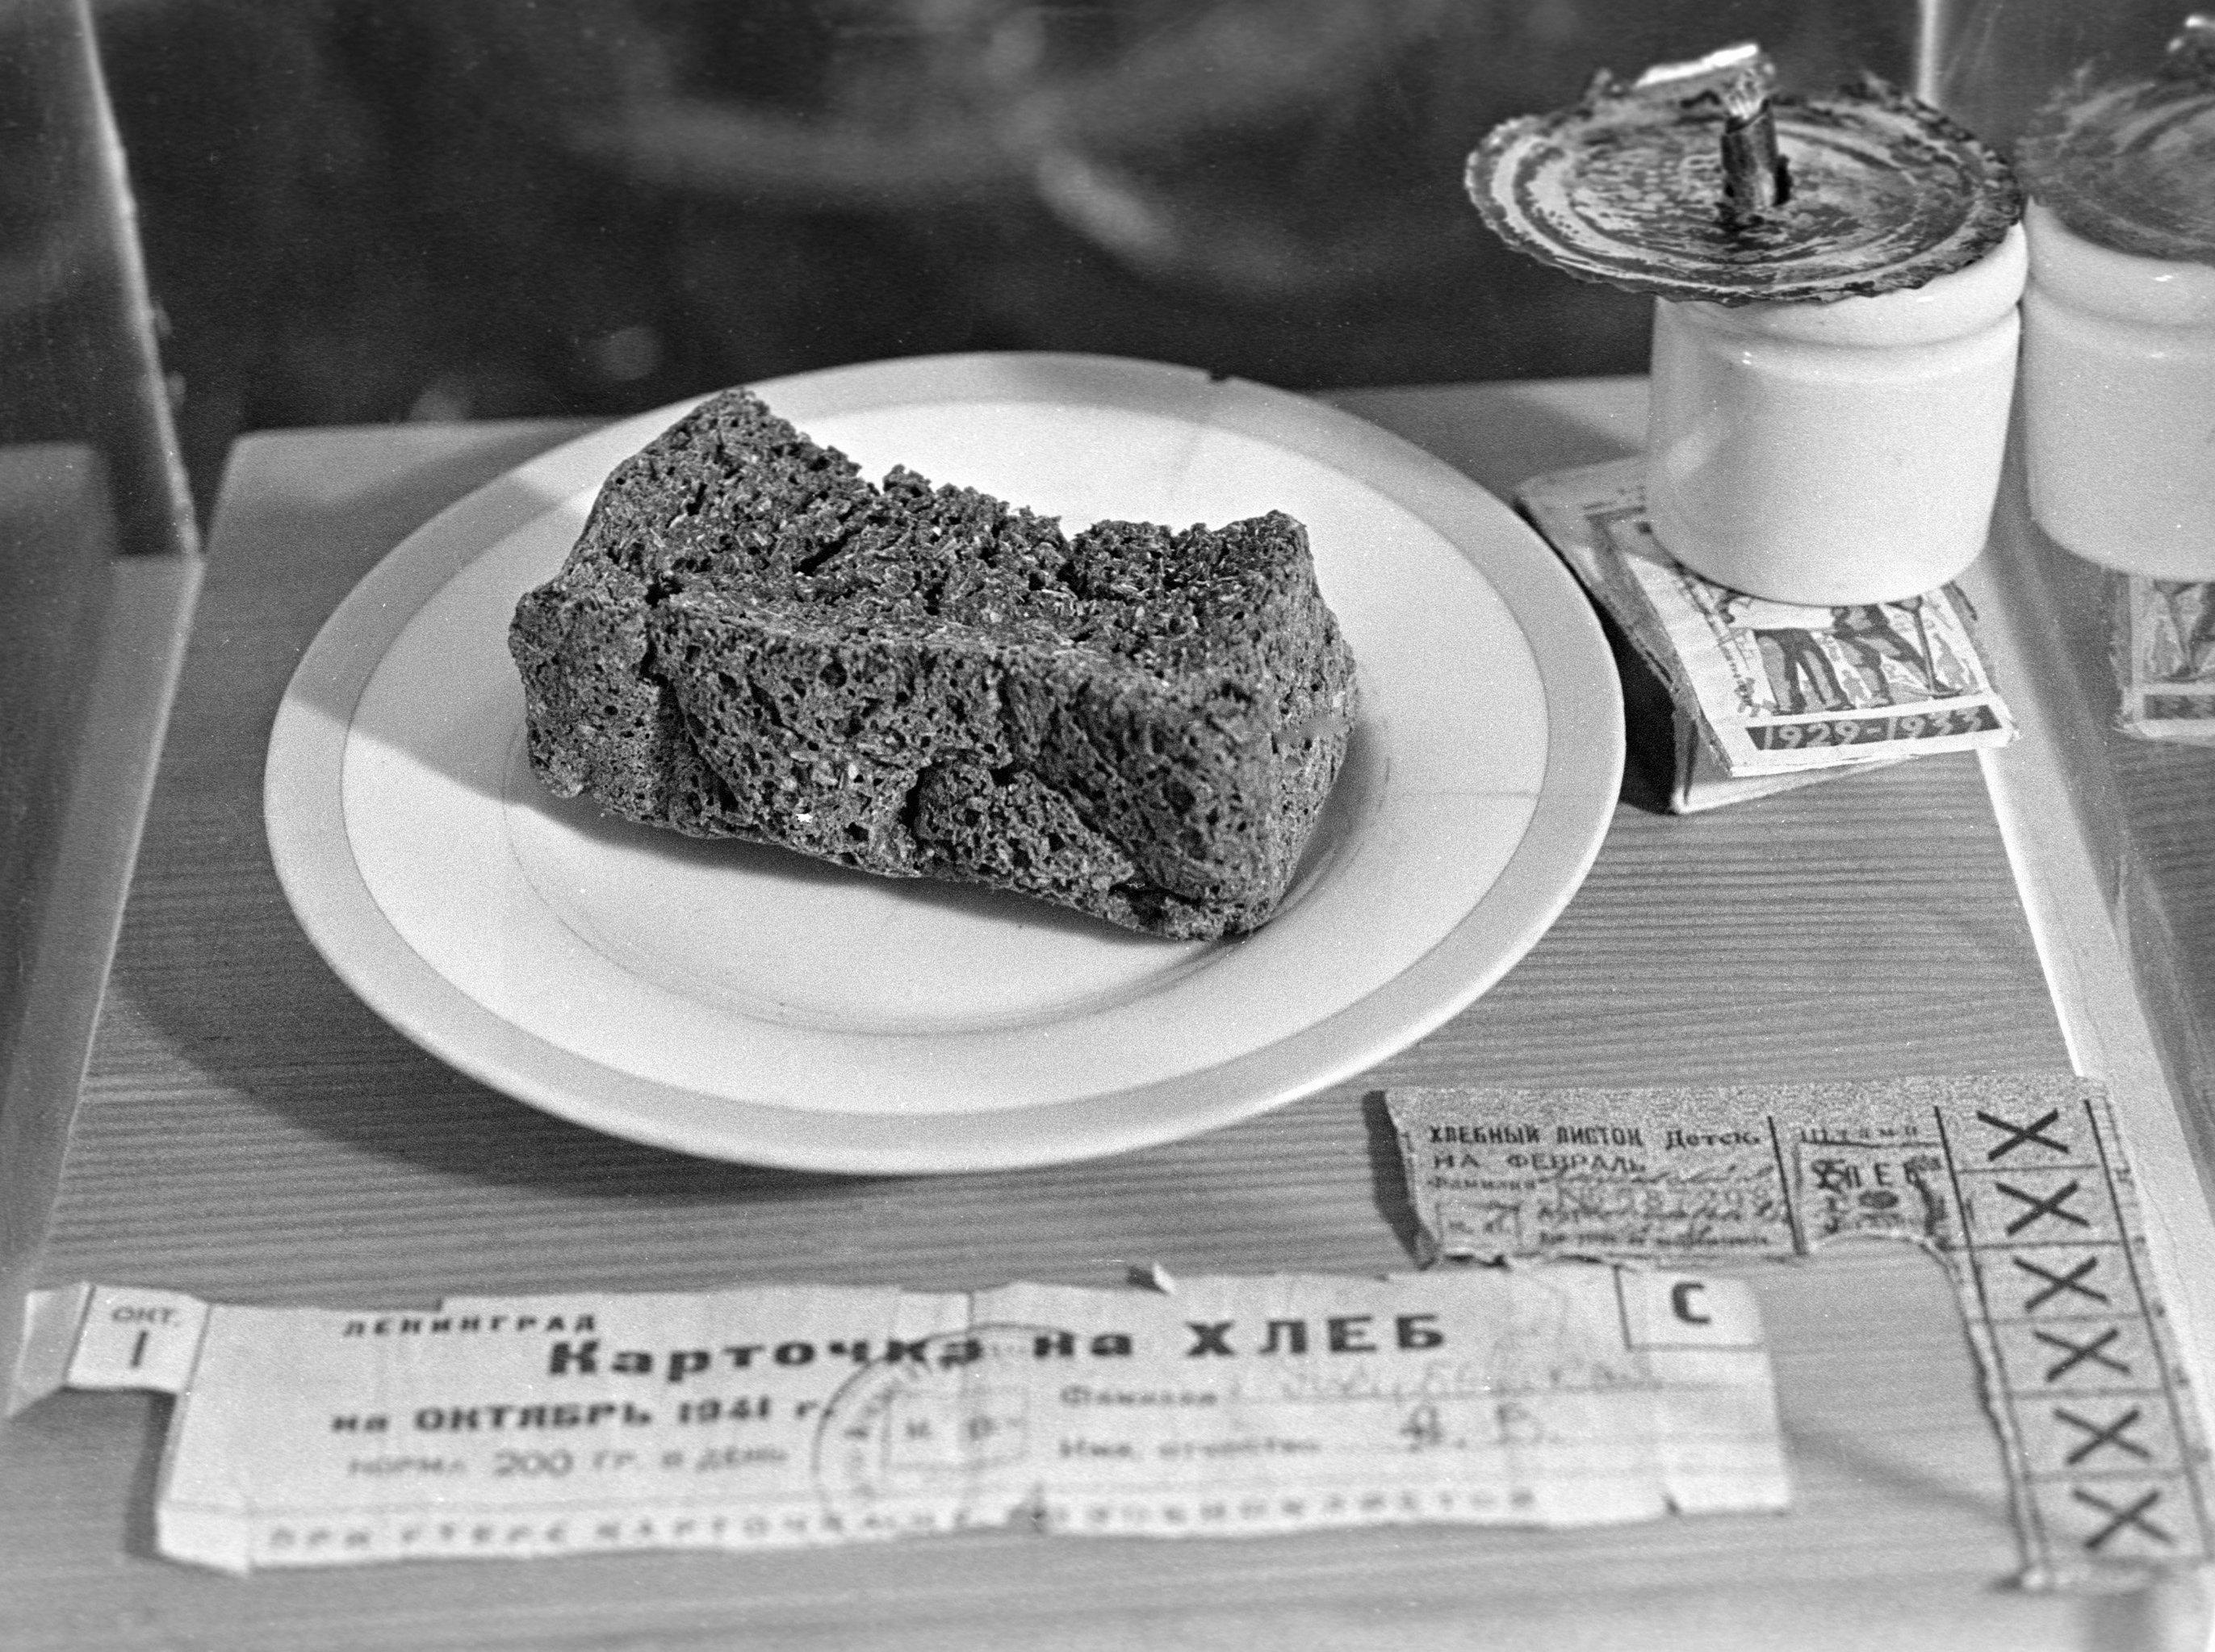 Durante el invierno, los habitantes de la ciudad sitiada recibían 125 gramos de pan al día